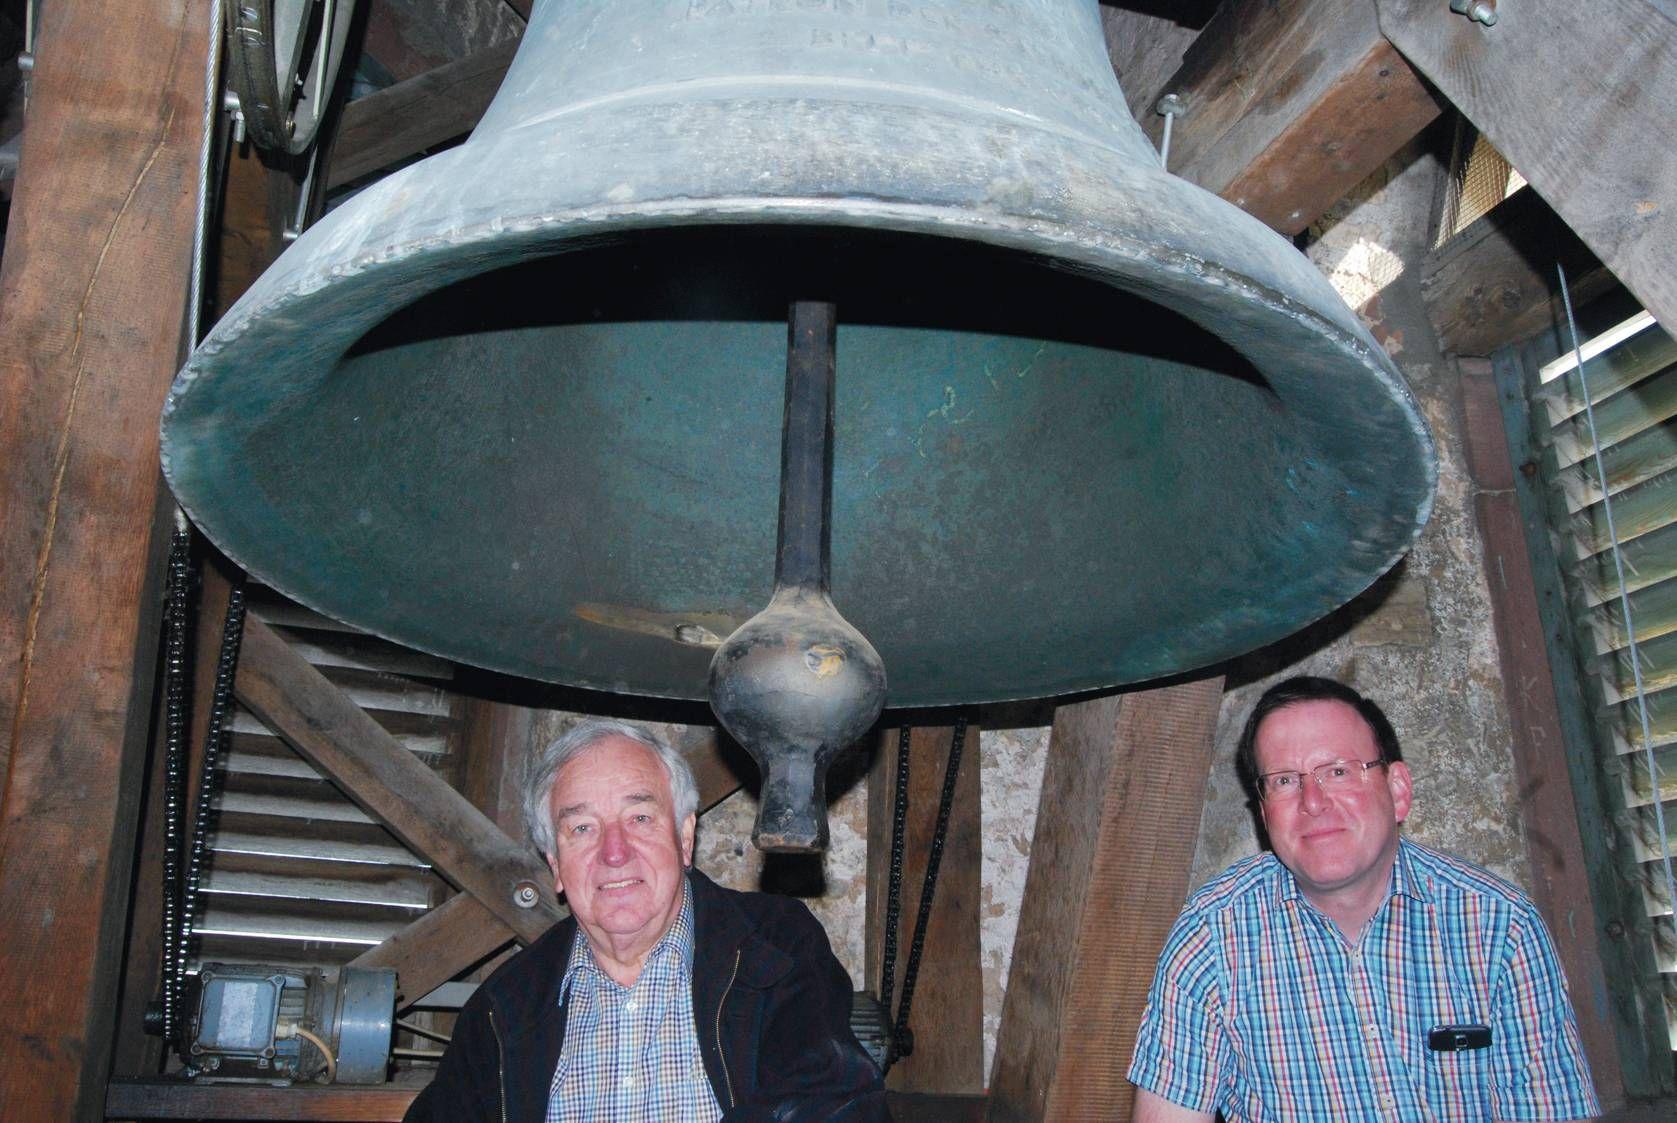 Der Ortschronist und frühere Bürgermeister Dr. Josef Ziegler mit Pfarrer Bernd Steigerwald (rechts) im Glockenstuhl der Pfarrkirche von Güntersleben. Die Glocke auf dem Foto ist die Josefsglocke von 1949.